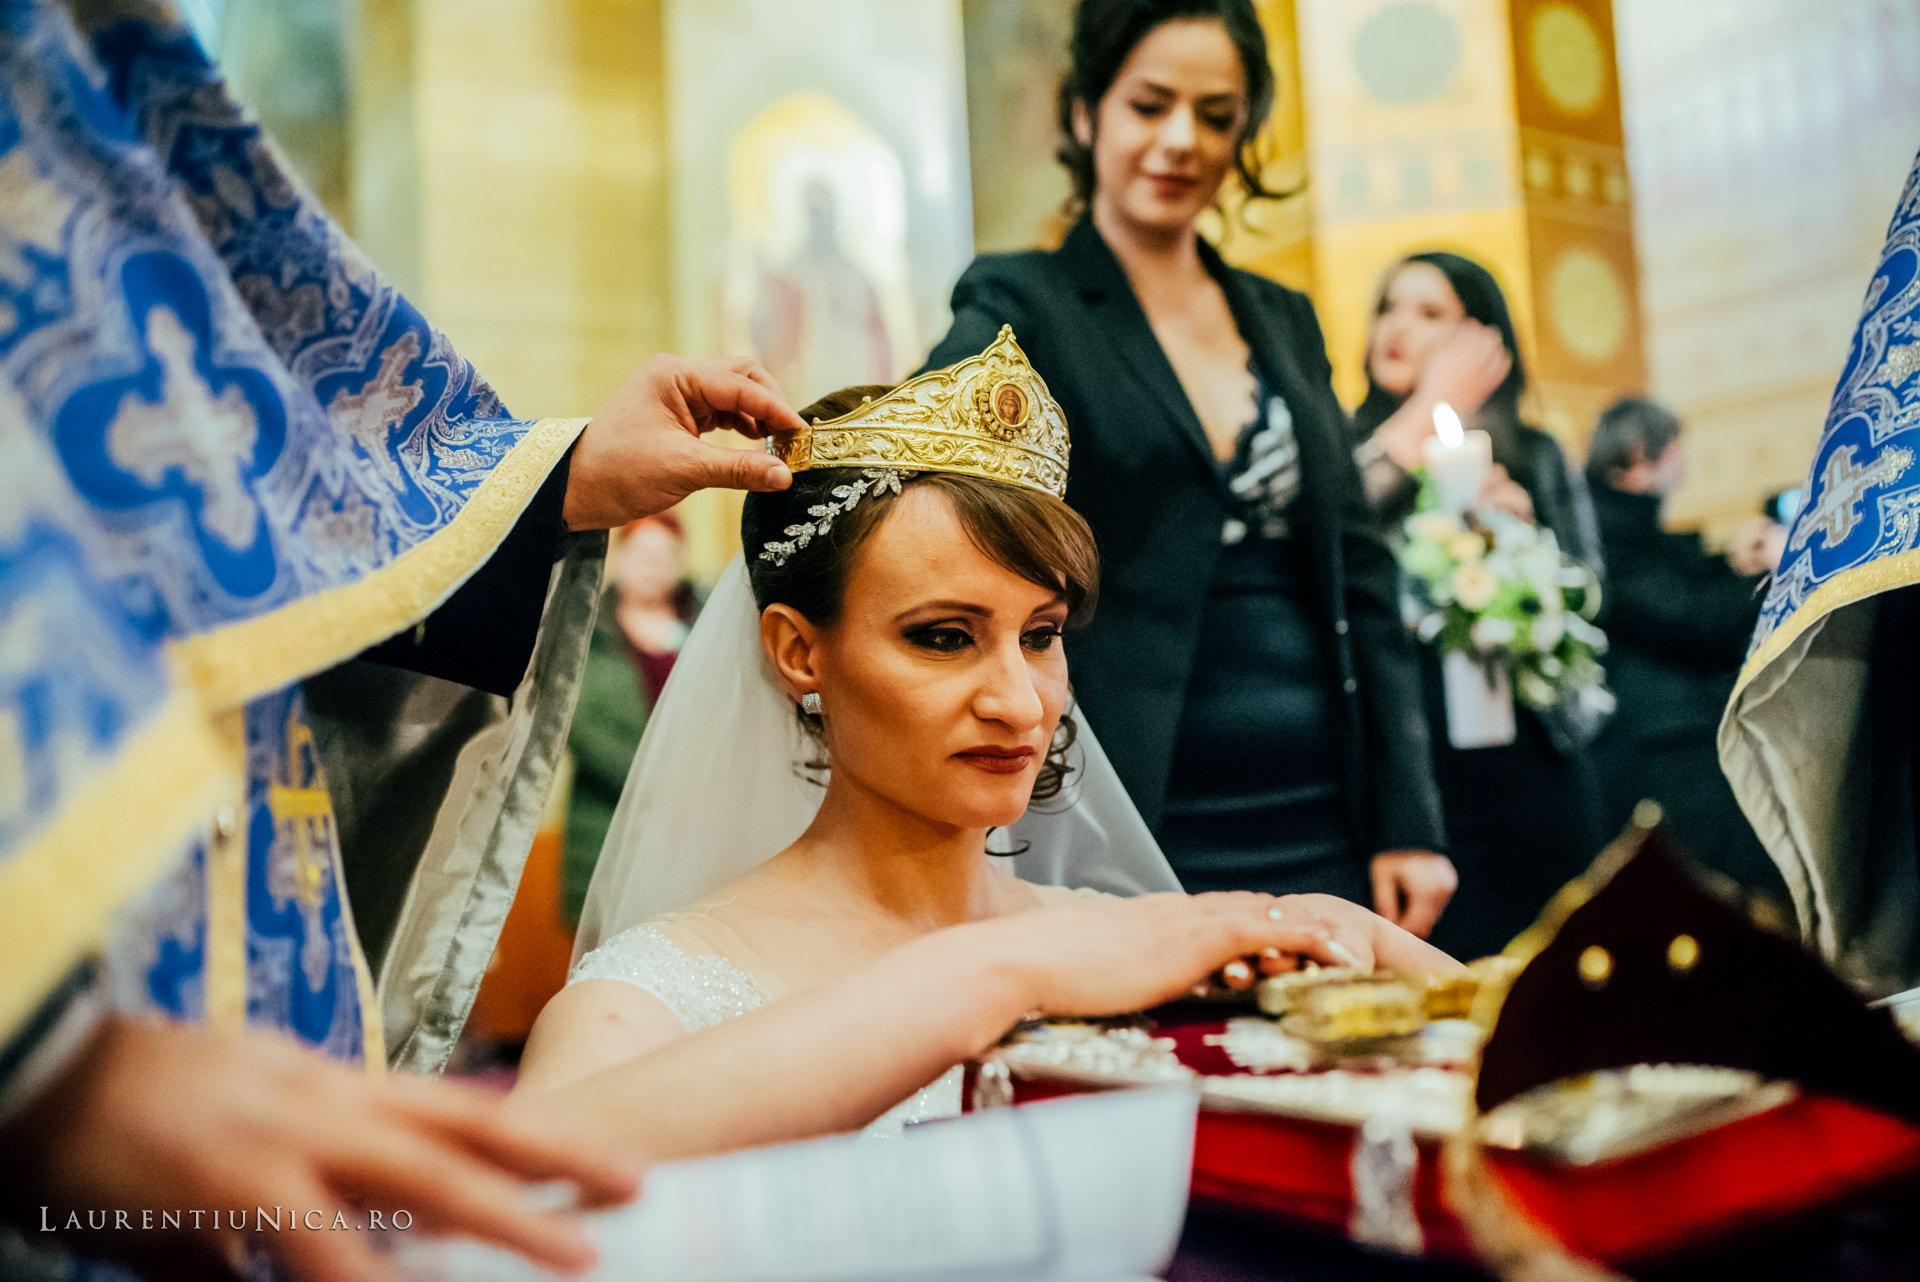 daniela si marius fotografii nunta craiova laurentiu nica27 - Daniela & Marius | Fotografii nunta